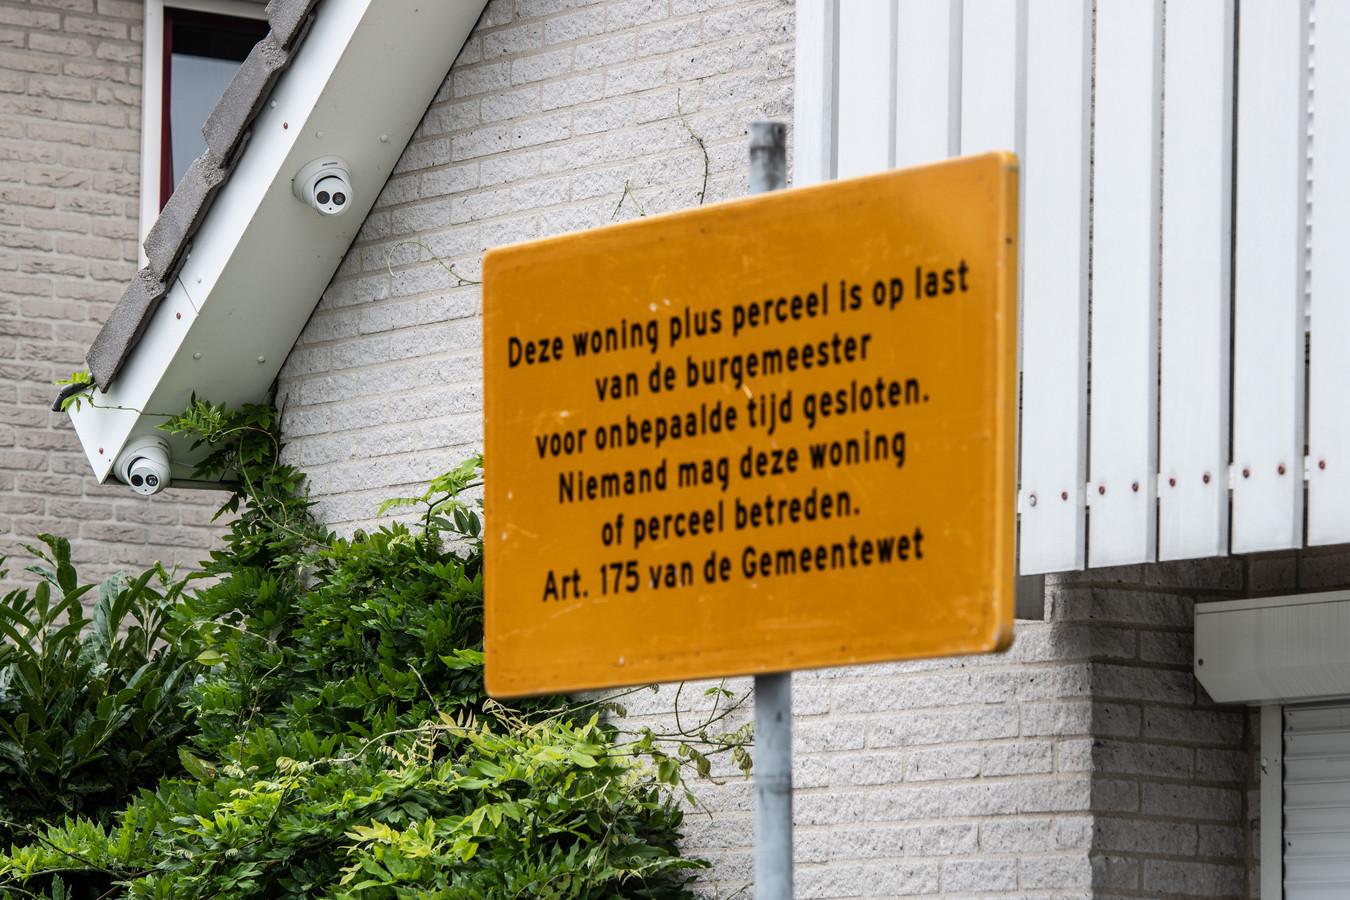 De woning van de bedreigde Nijmegenaar Danny M. werd maandenlang tot verboden gebied verklaard.